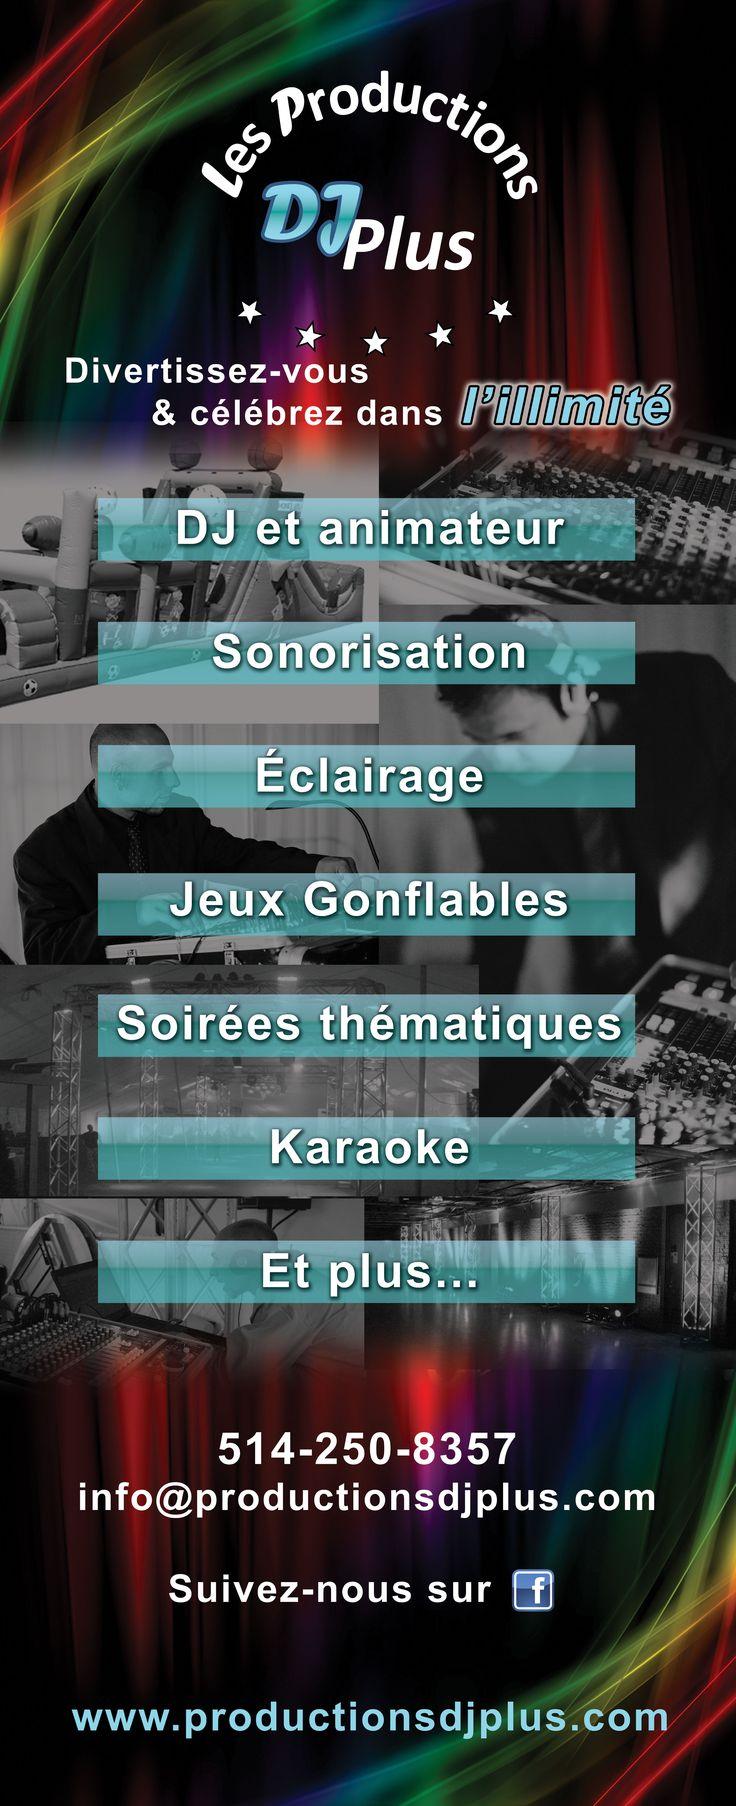 Voici les différents services offerts par les Productions DJPlus